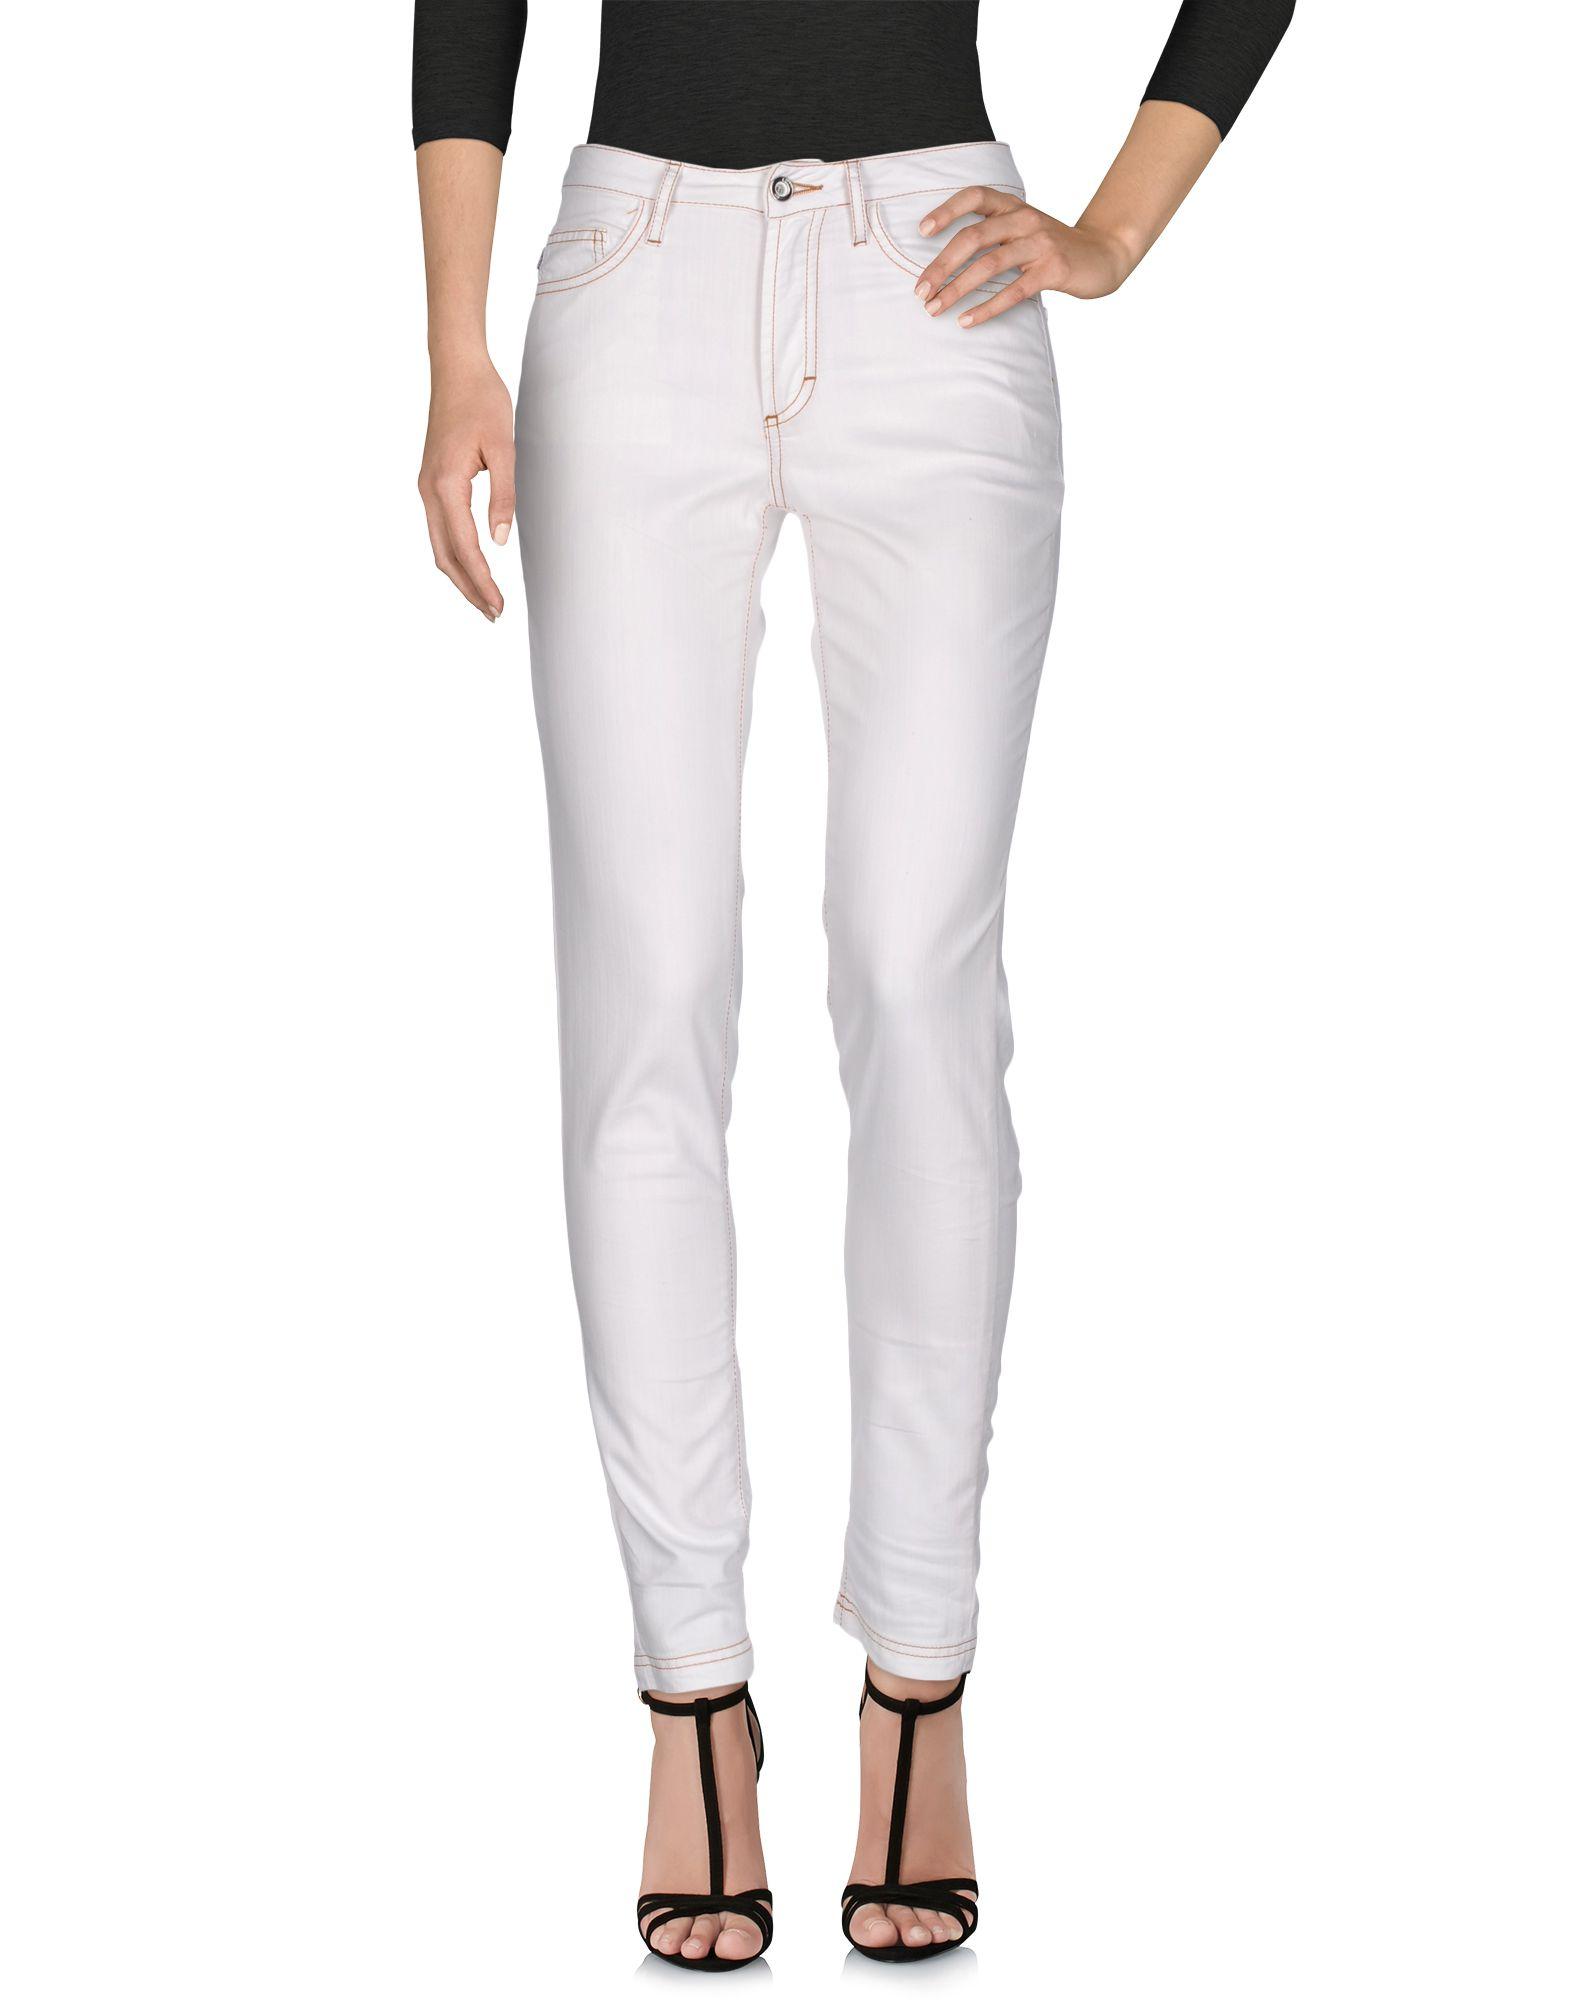 JUST CAVALLI Damen Jeanshose Farbe Weiß Größe 5